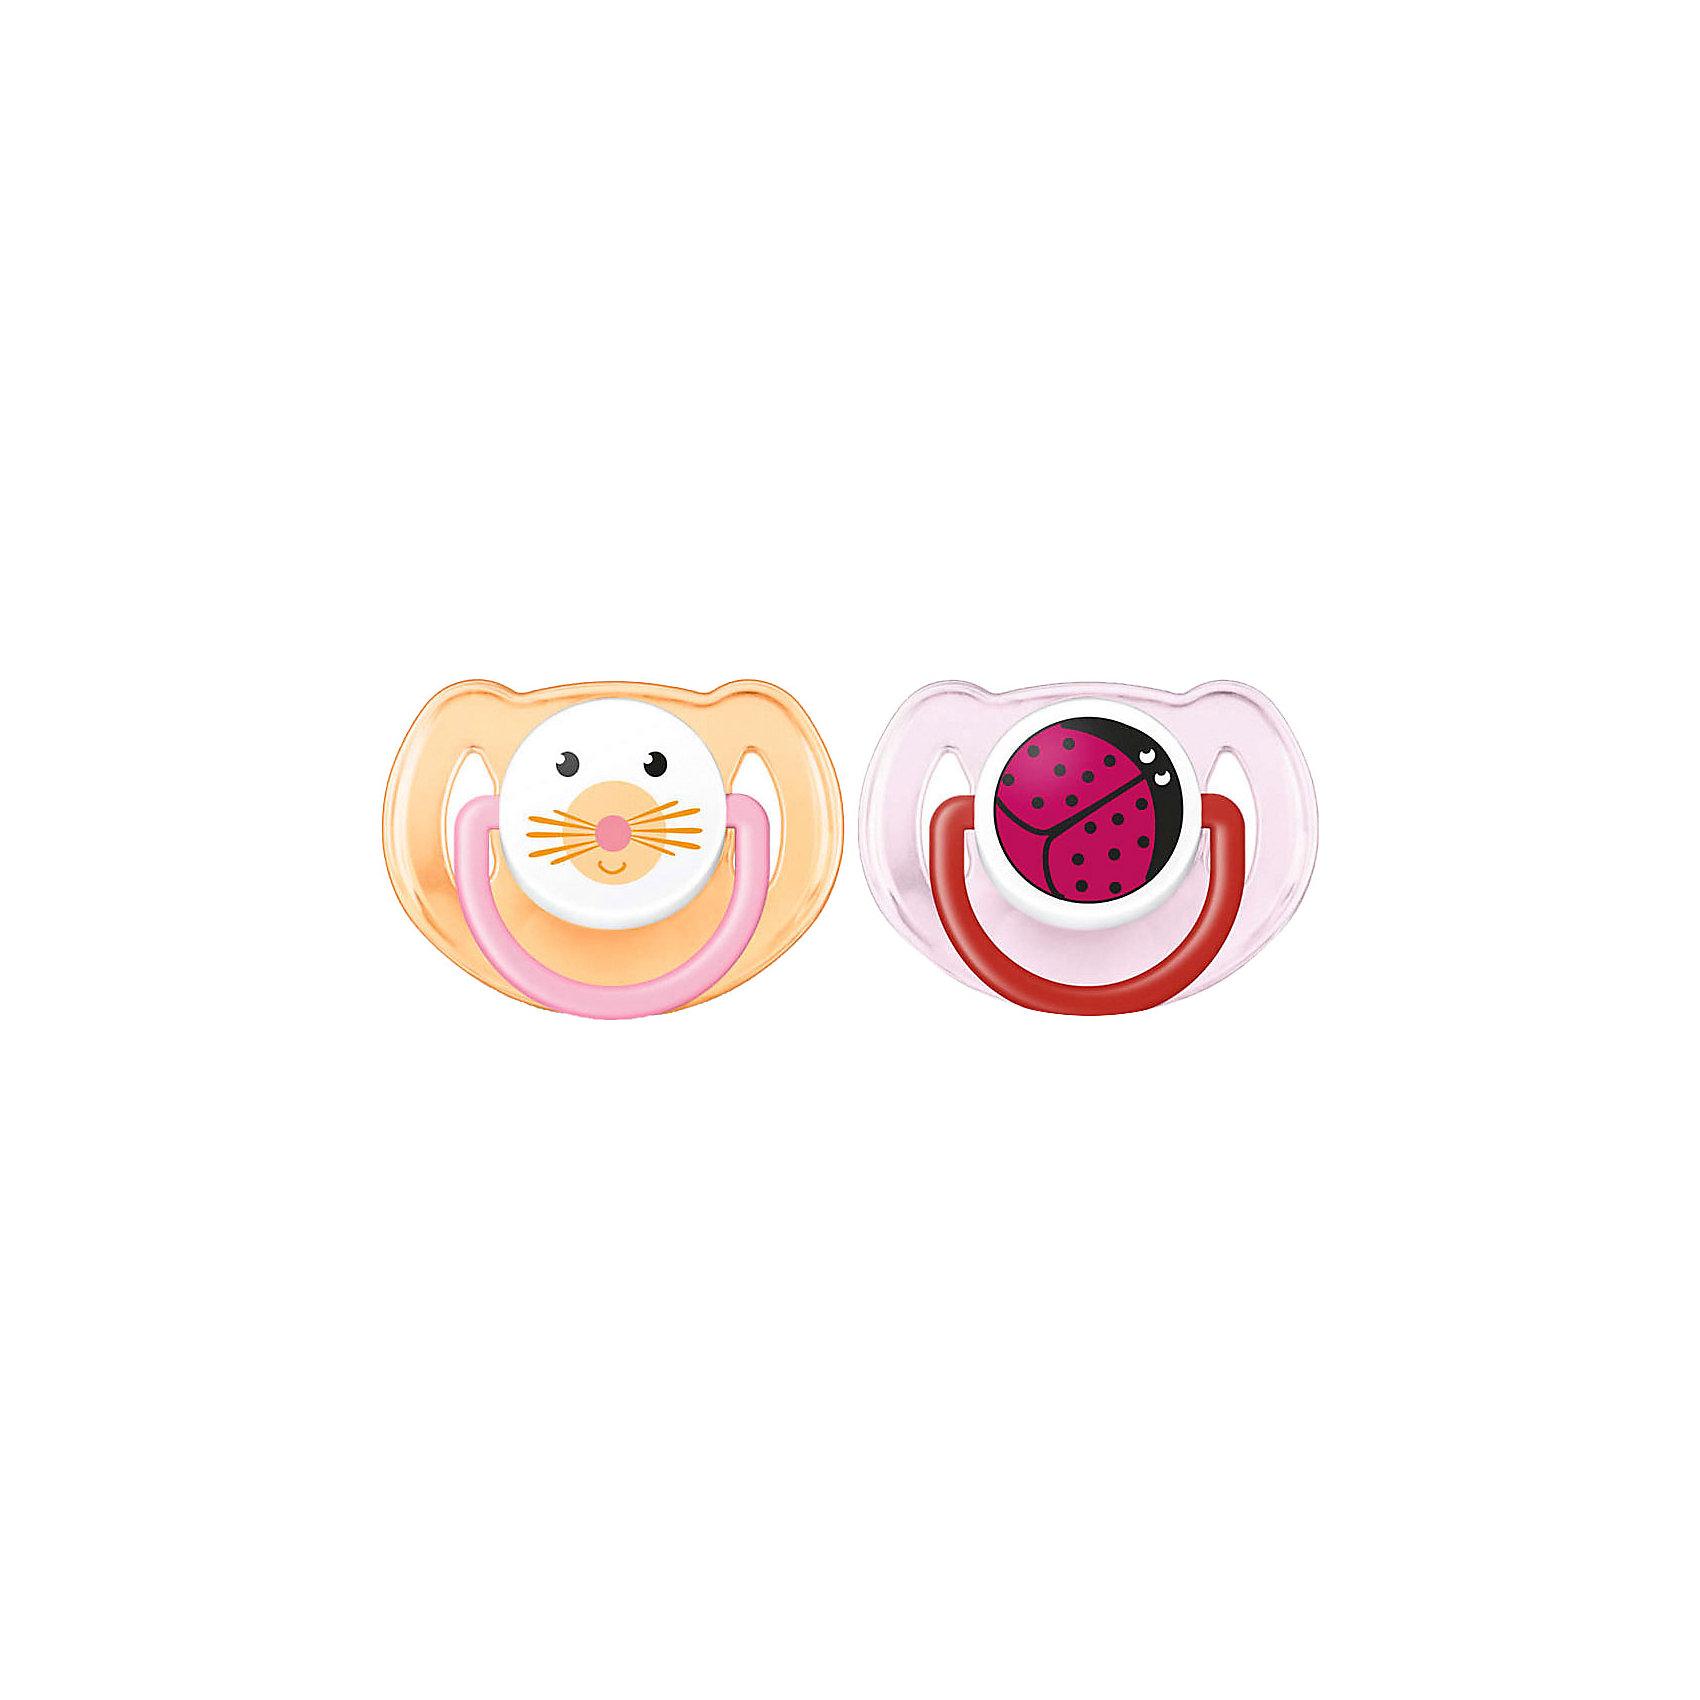 PHILIPS AVENT Силиконовая пустышка Домашние животные, 6-18 мес., 2 шт., AVENT, оранжевый/розовый